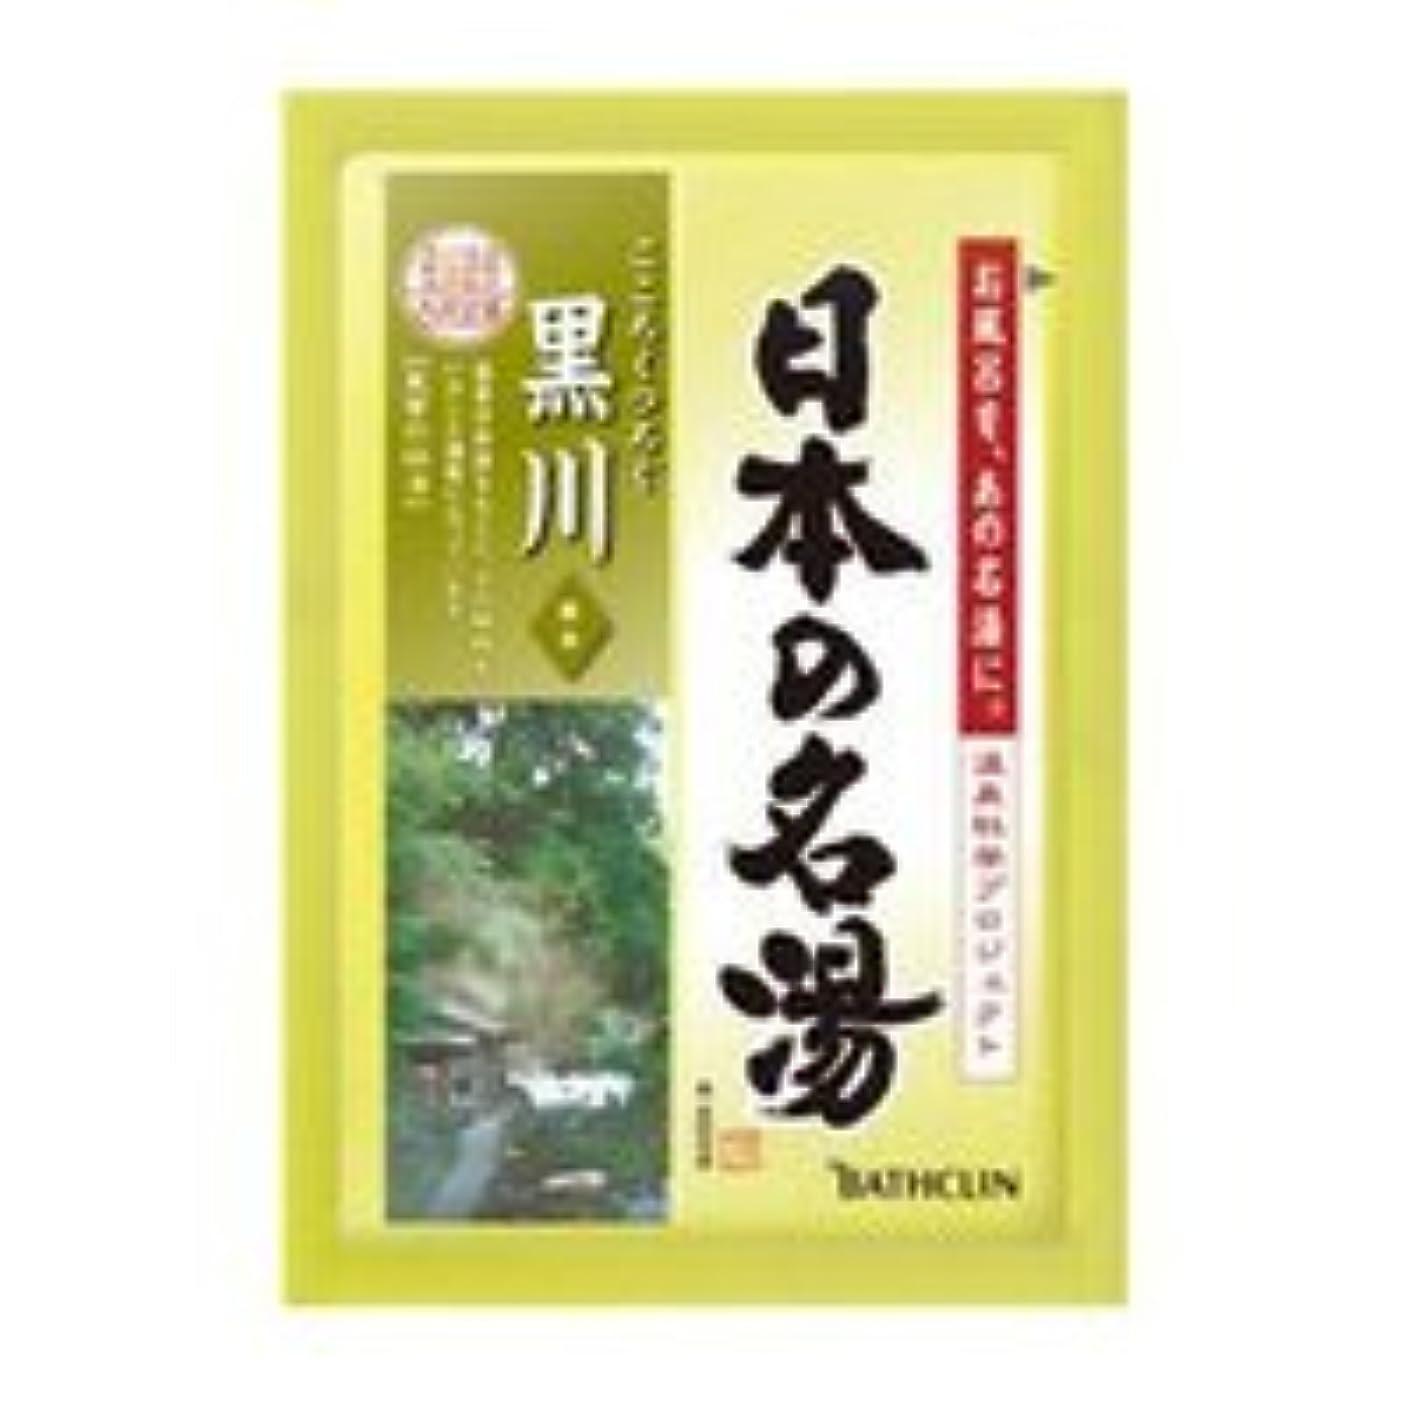 メイトどきどきレタッチバスクリン 日本の名湯 黒川 1包 30g (温泉タイプ入浴剤)×120点セット (4548514135093)